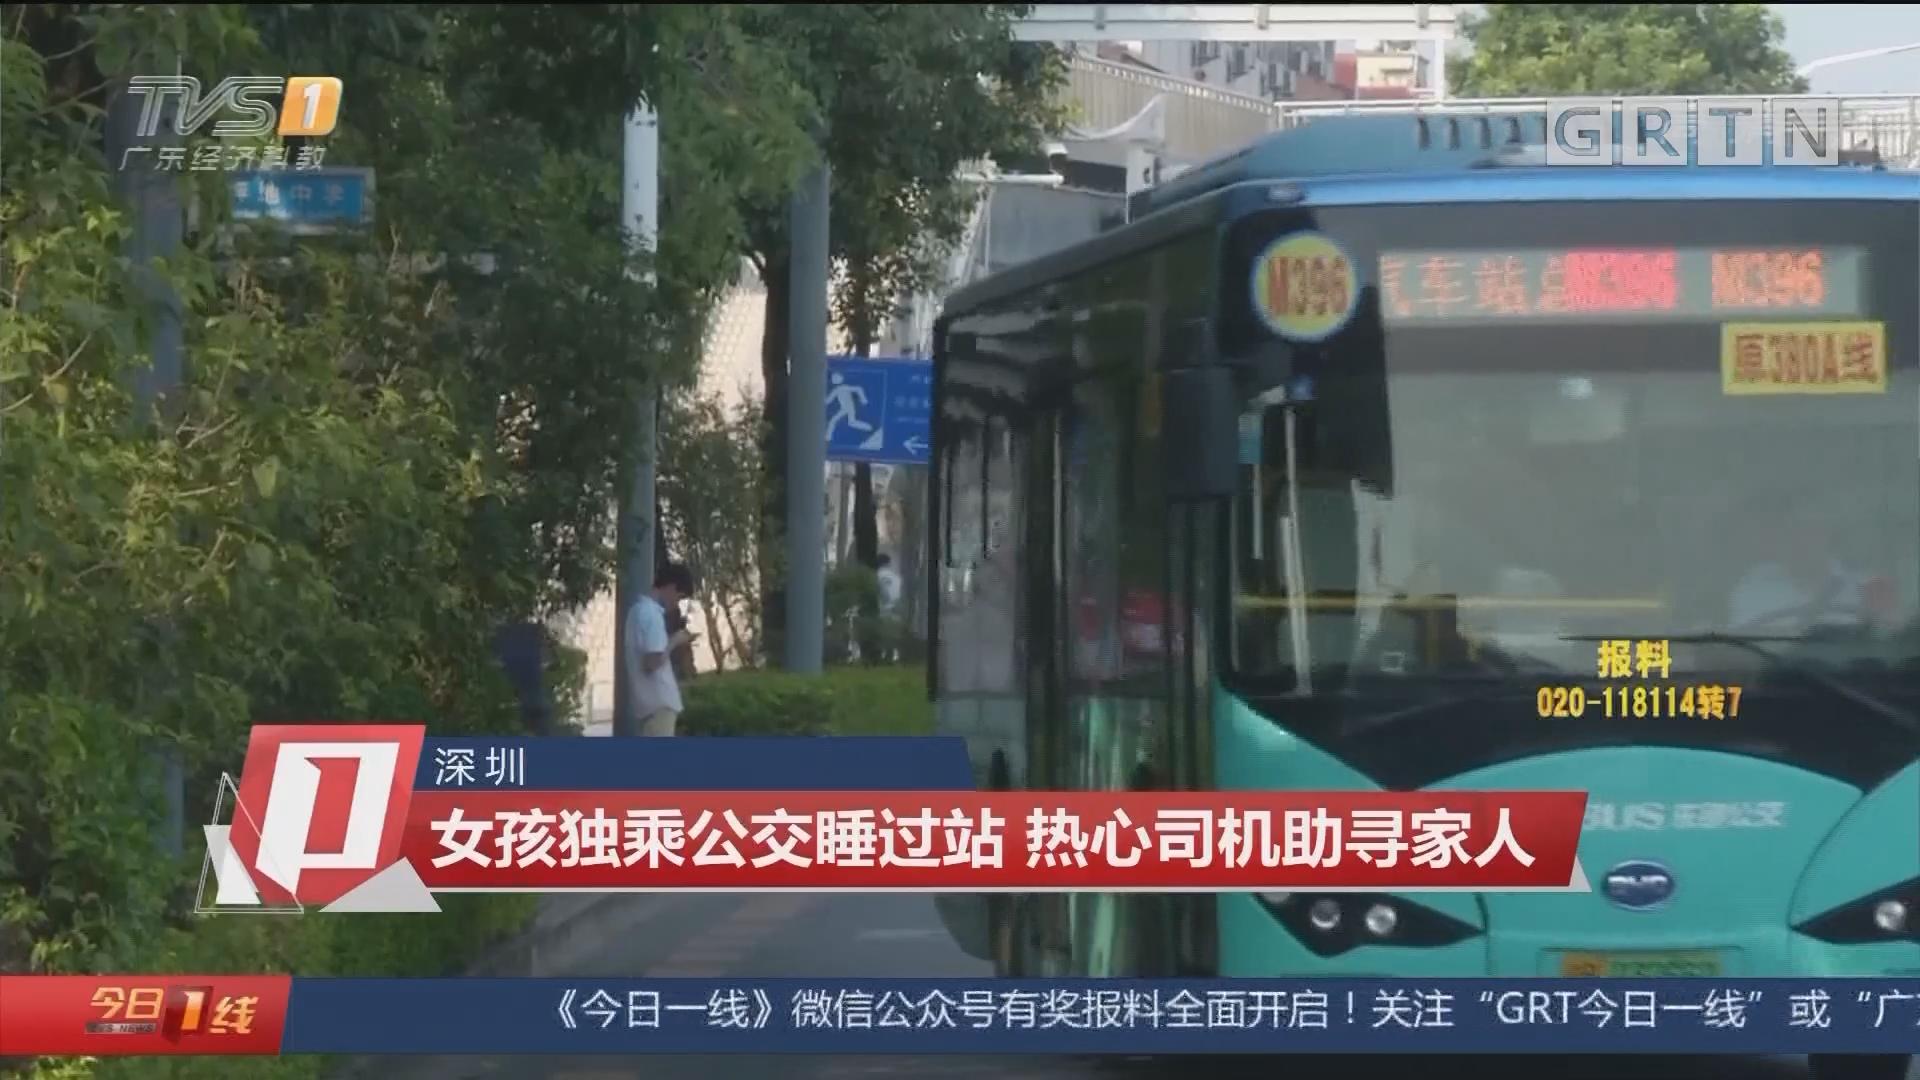 深圳:女孩独乘公交睡过站 热心司机助寻家人